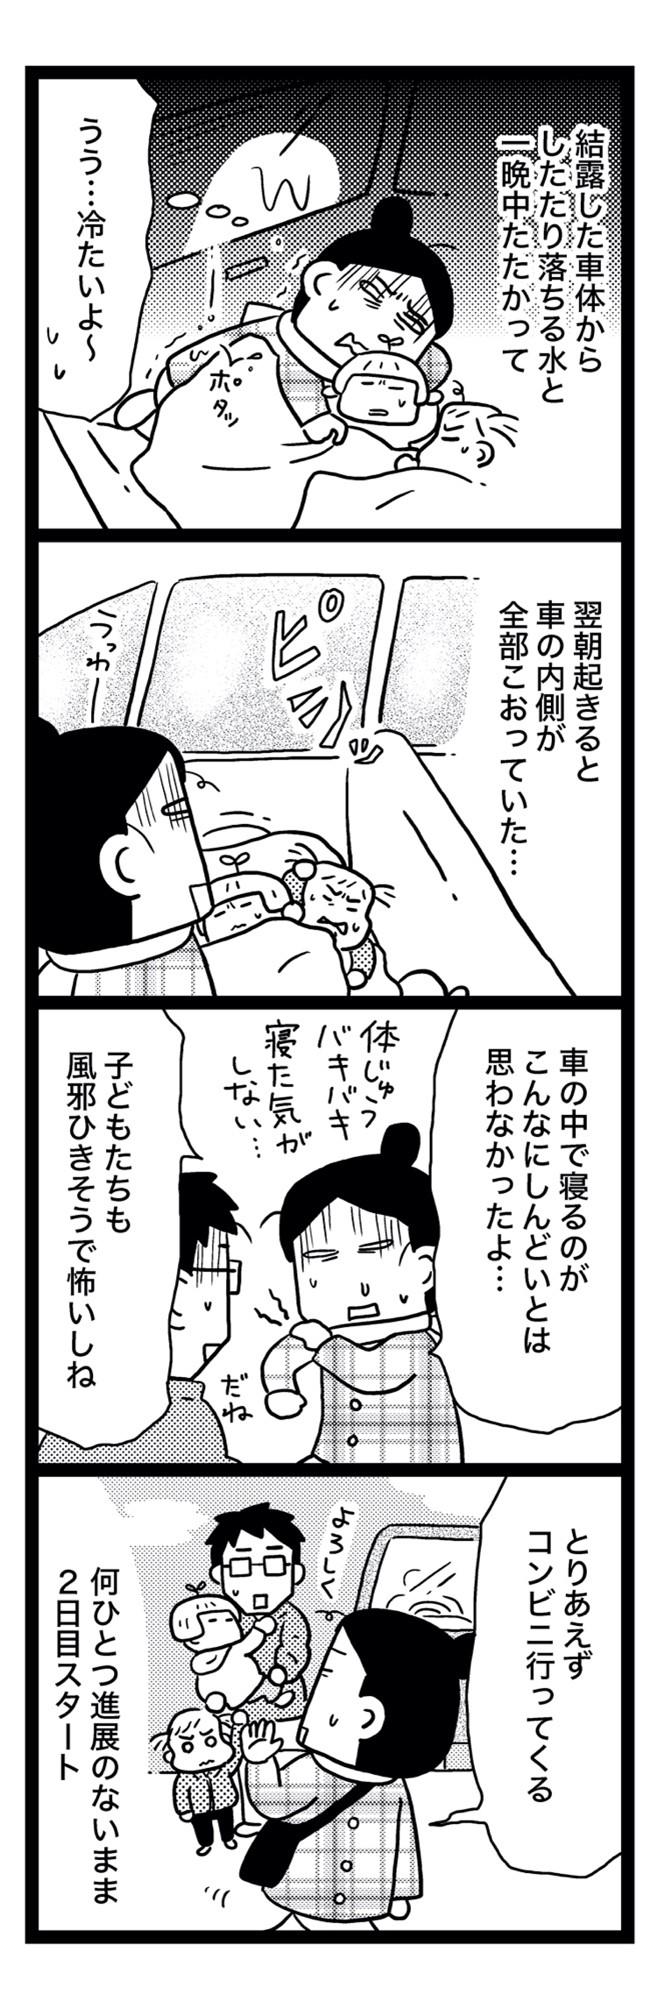 sinsai1-7